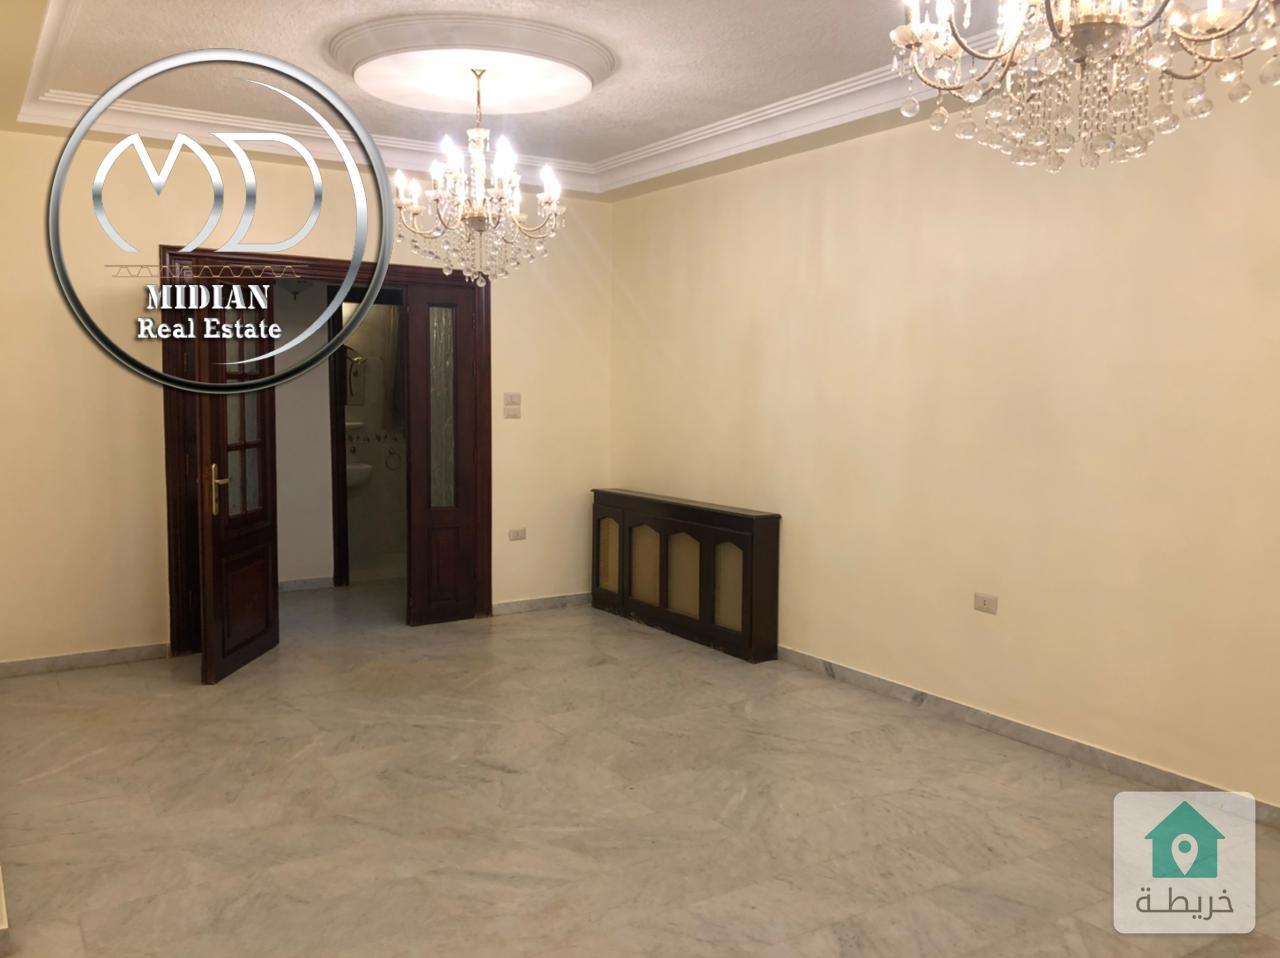 شقة ارضية فارغة للايجار تلاع العلي قرب مدارس الجزيره مساحة 200م مع ترس 70م تشطيب سوبر ديلوكس